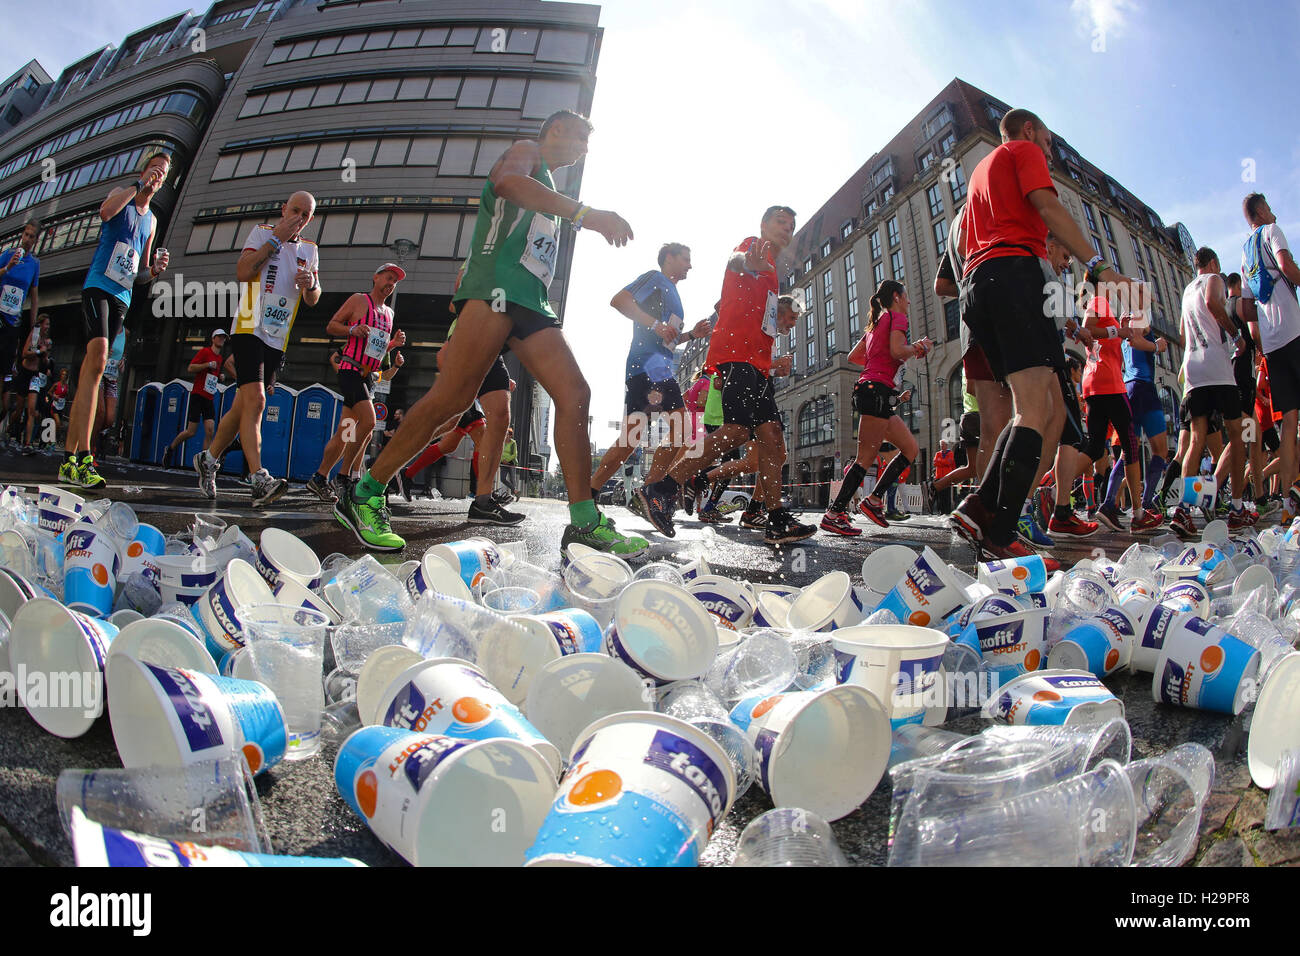 Berlin, Allemagne. 25 Septembre, 2016. Les athlètes amateurs au cours de la 43e édition du Marathon de Photo Stock